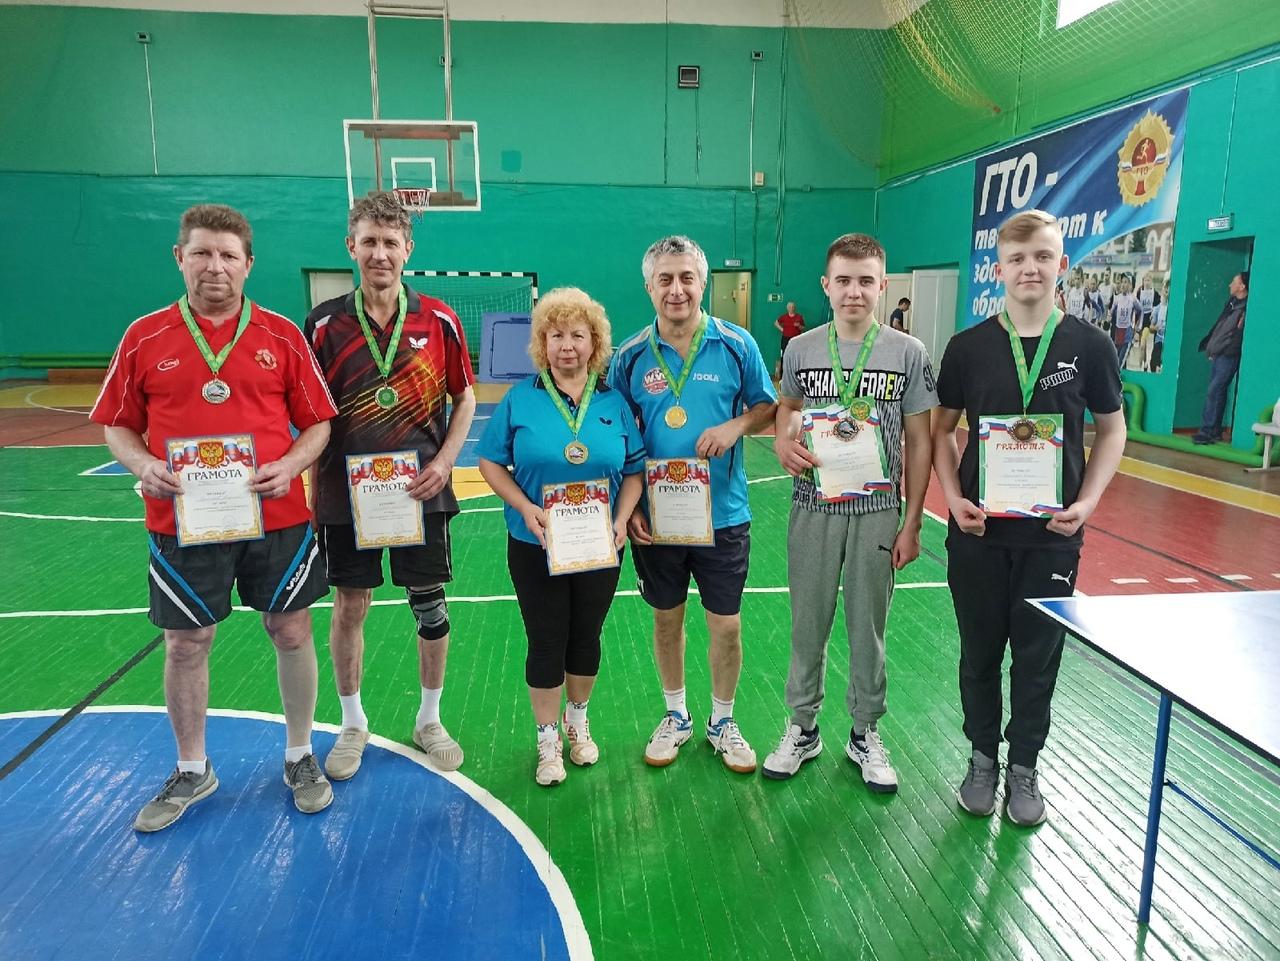 Ежегодный парный турнир по настольному теннису в Артемовском